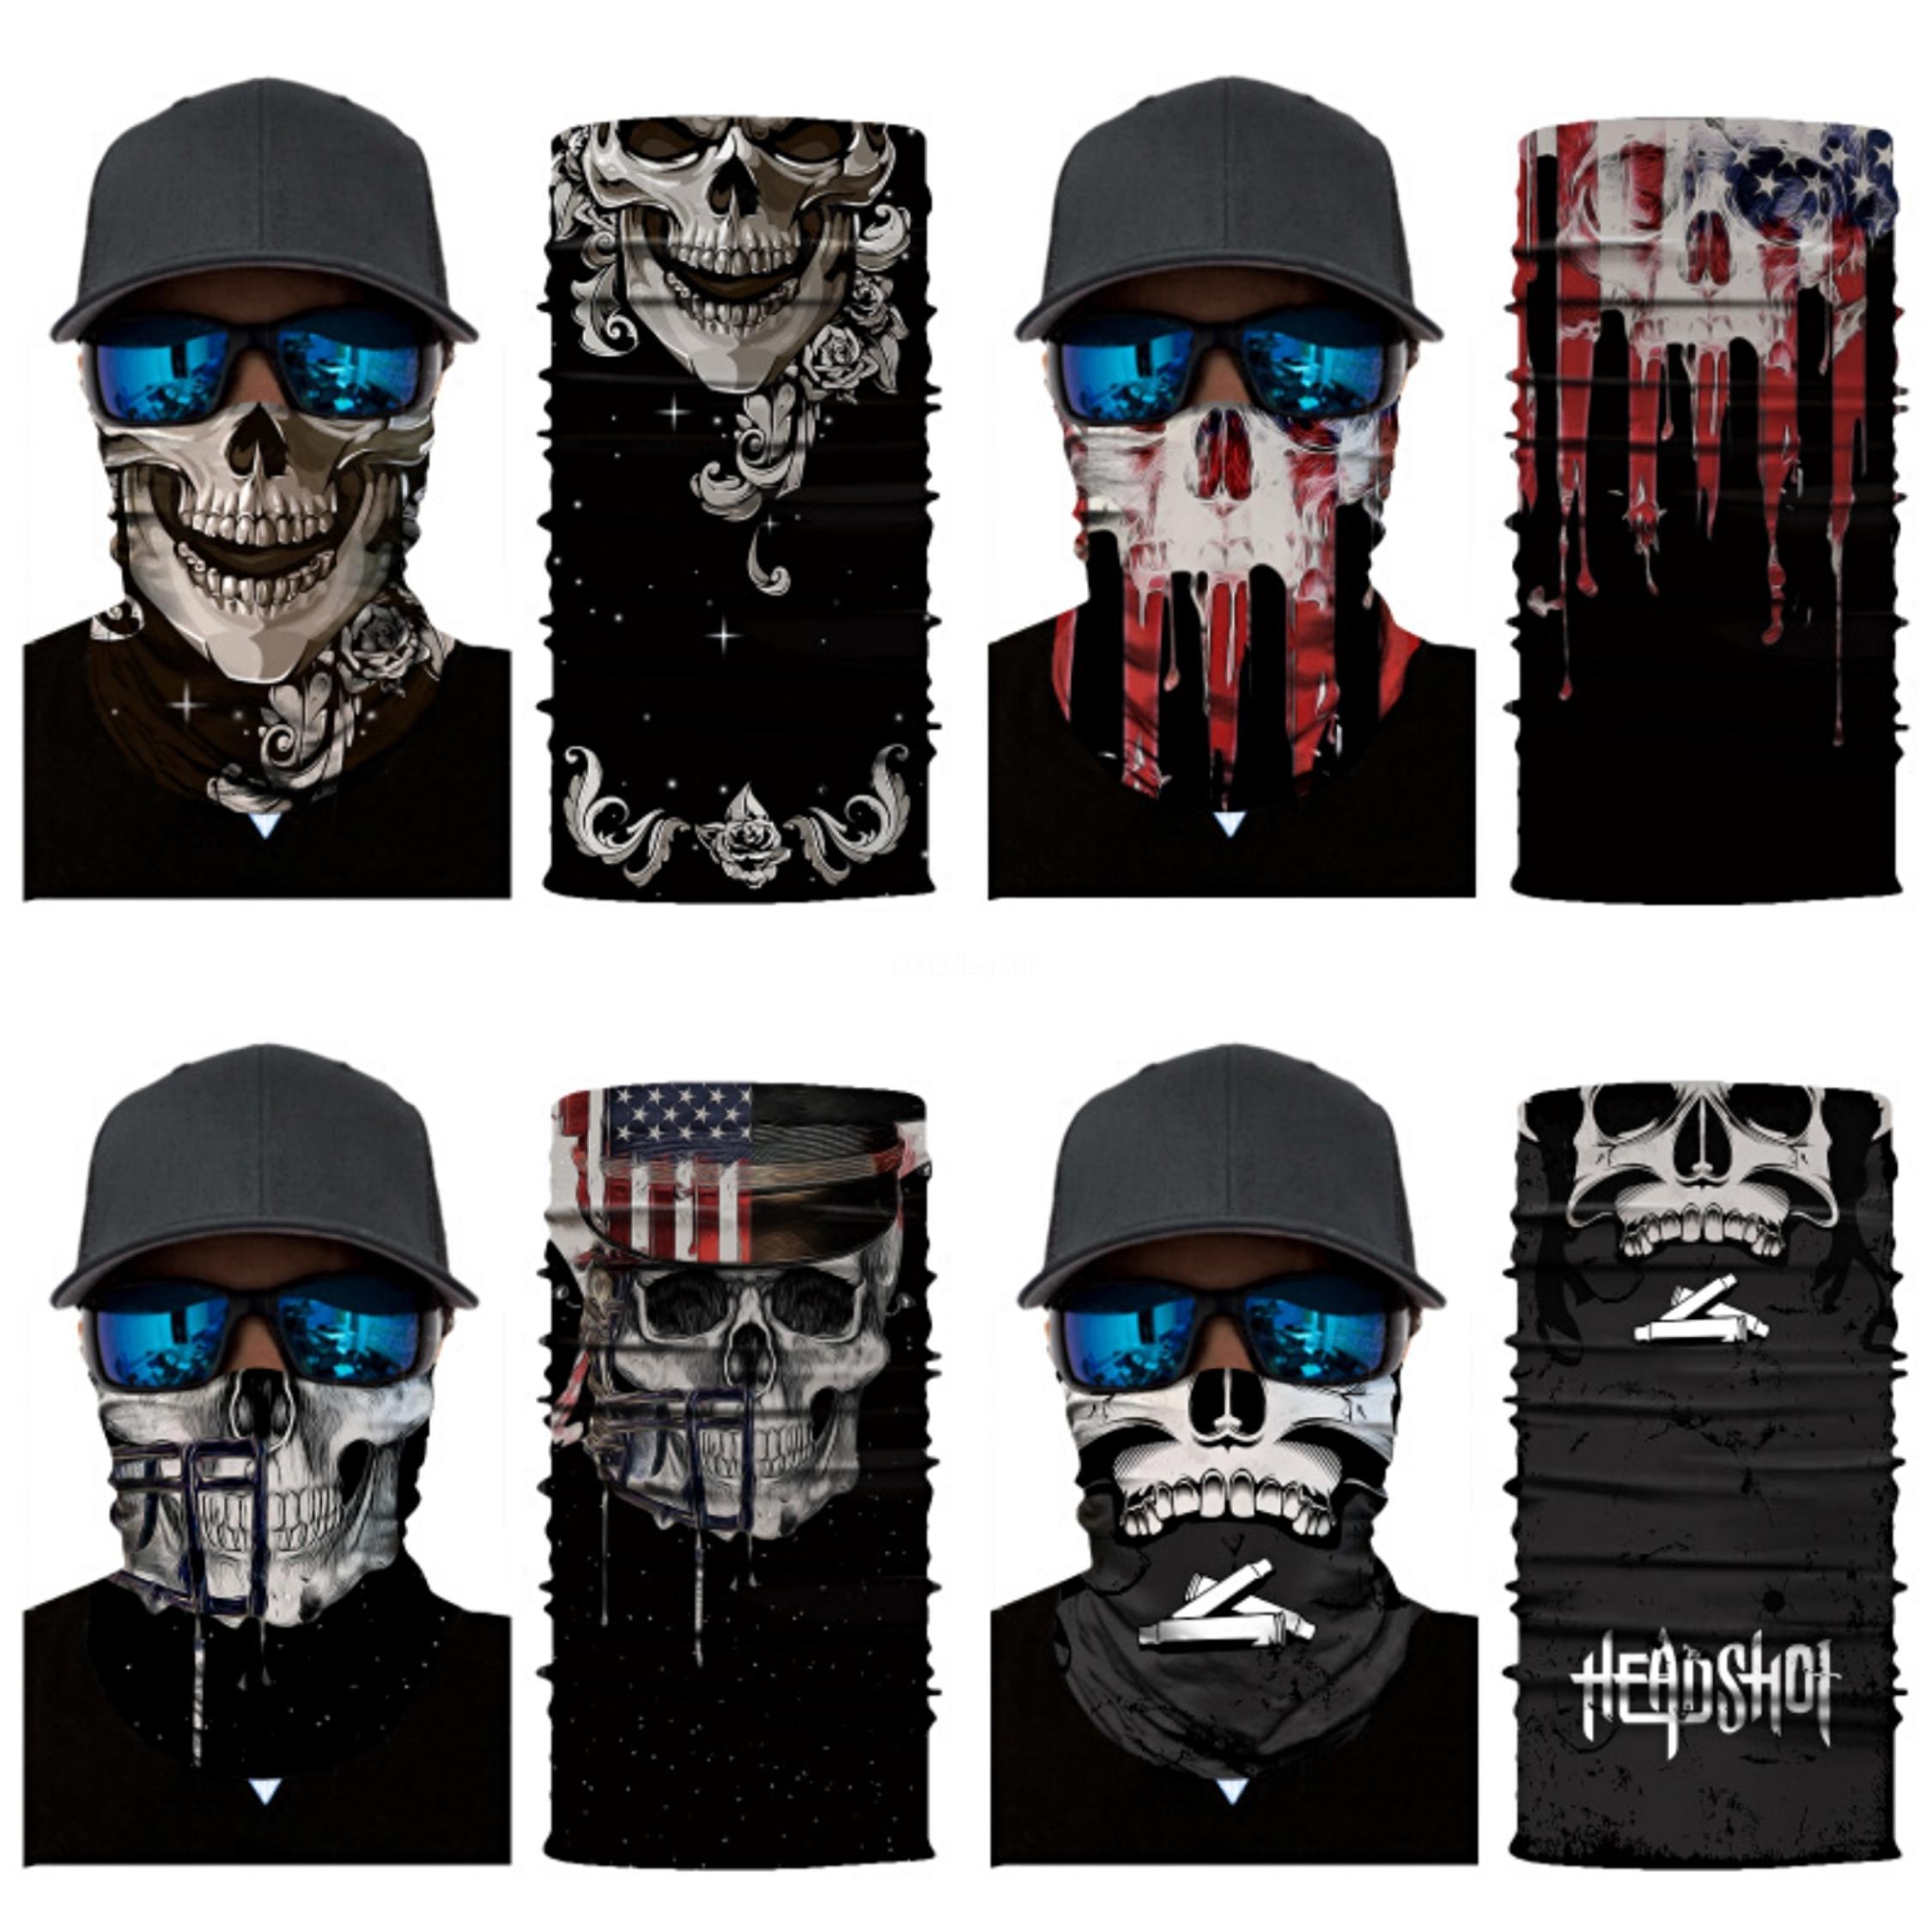 Outdoor Skull Foulard Masque Variété Turban magique Echarpes Visage Mesh Bandeau Crâne Bandanas Mode multifonctionnel Cyclisme Ba # 188 # 762